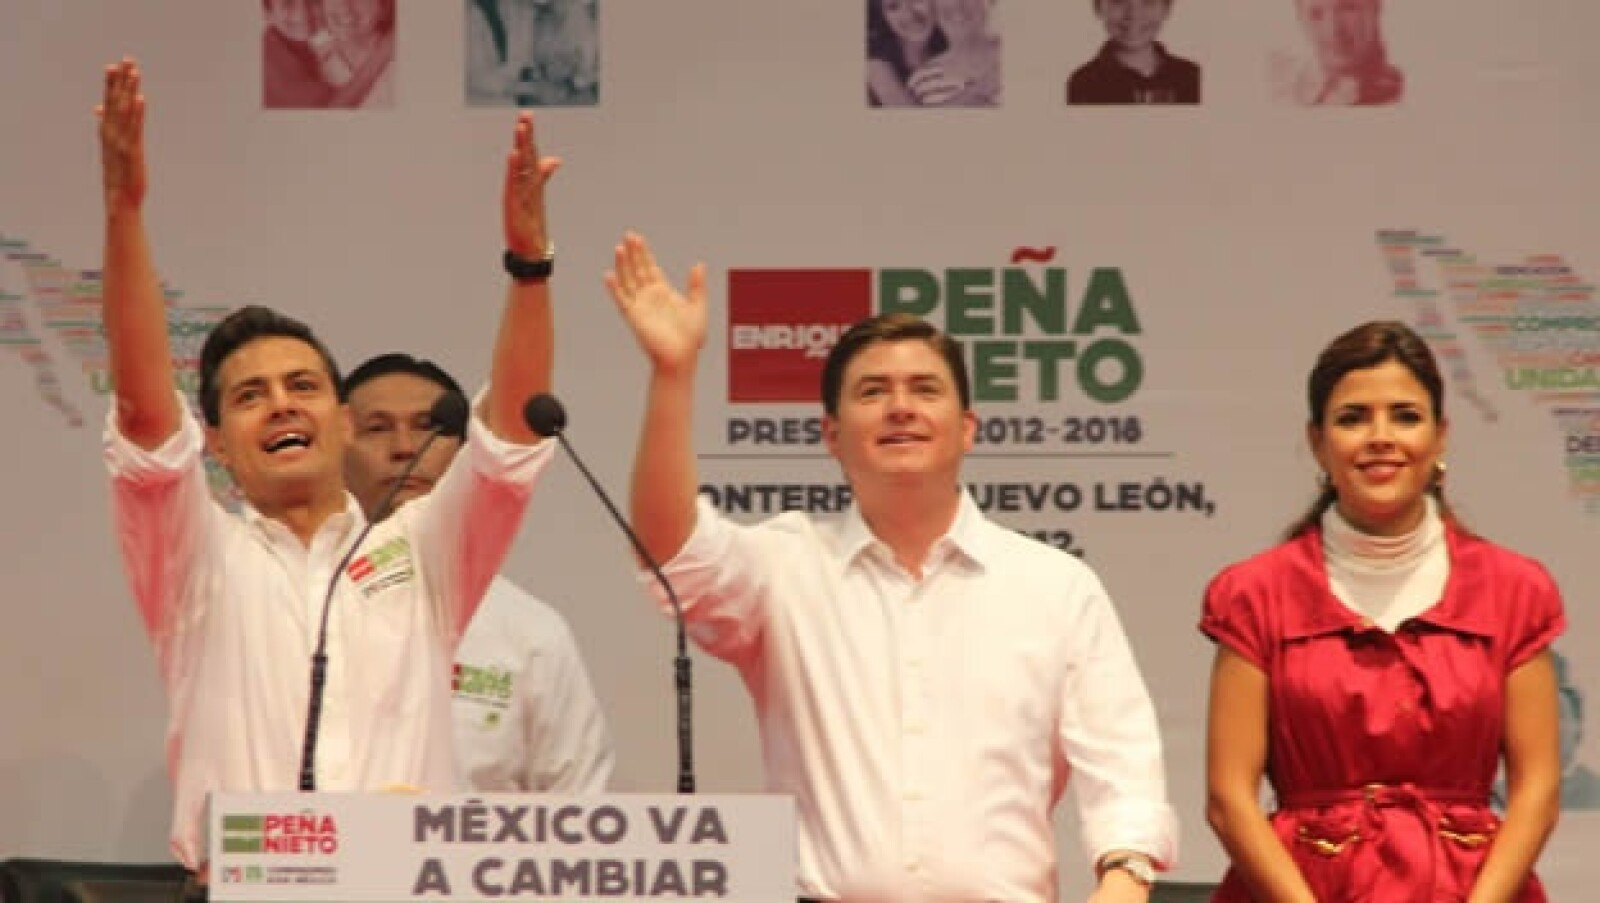 Peña-Nuevo León